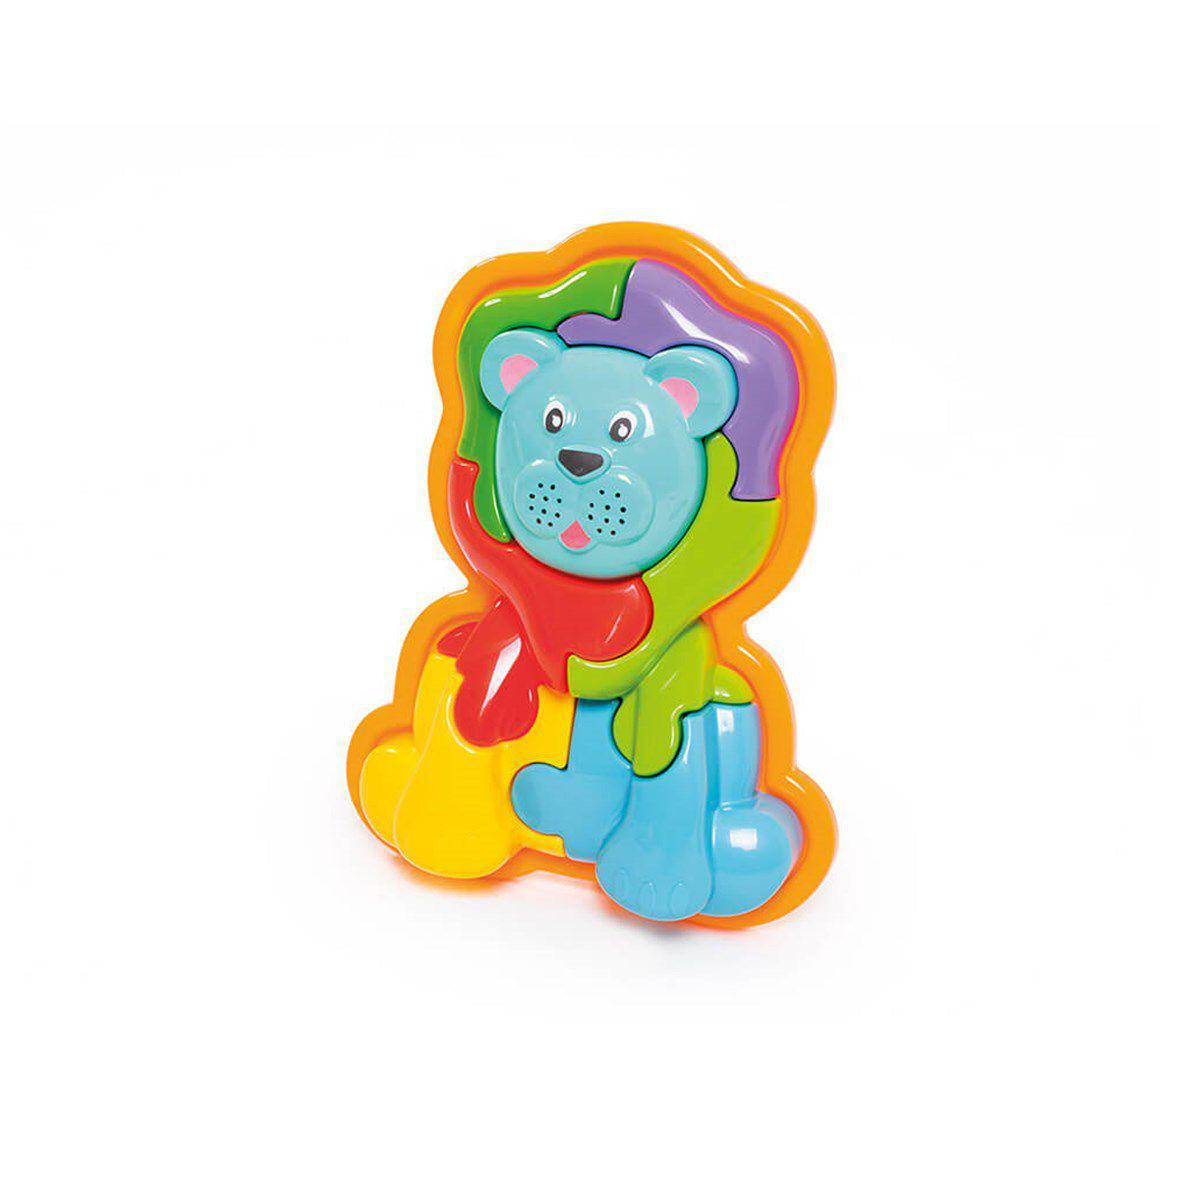 15d00700b11 Brinquedo educativo animal puzzle 3d leão - calesita 853 R  39